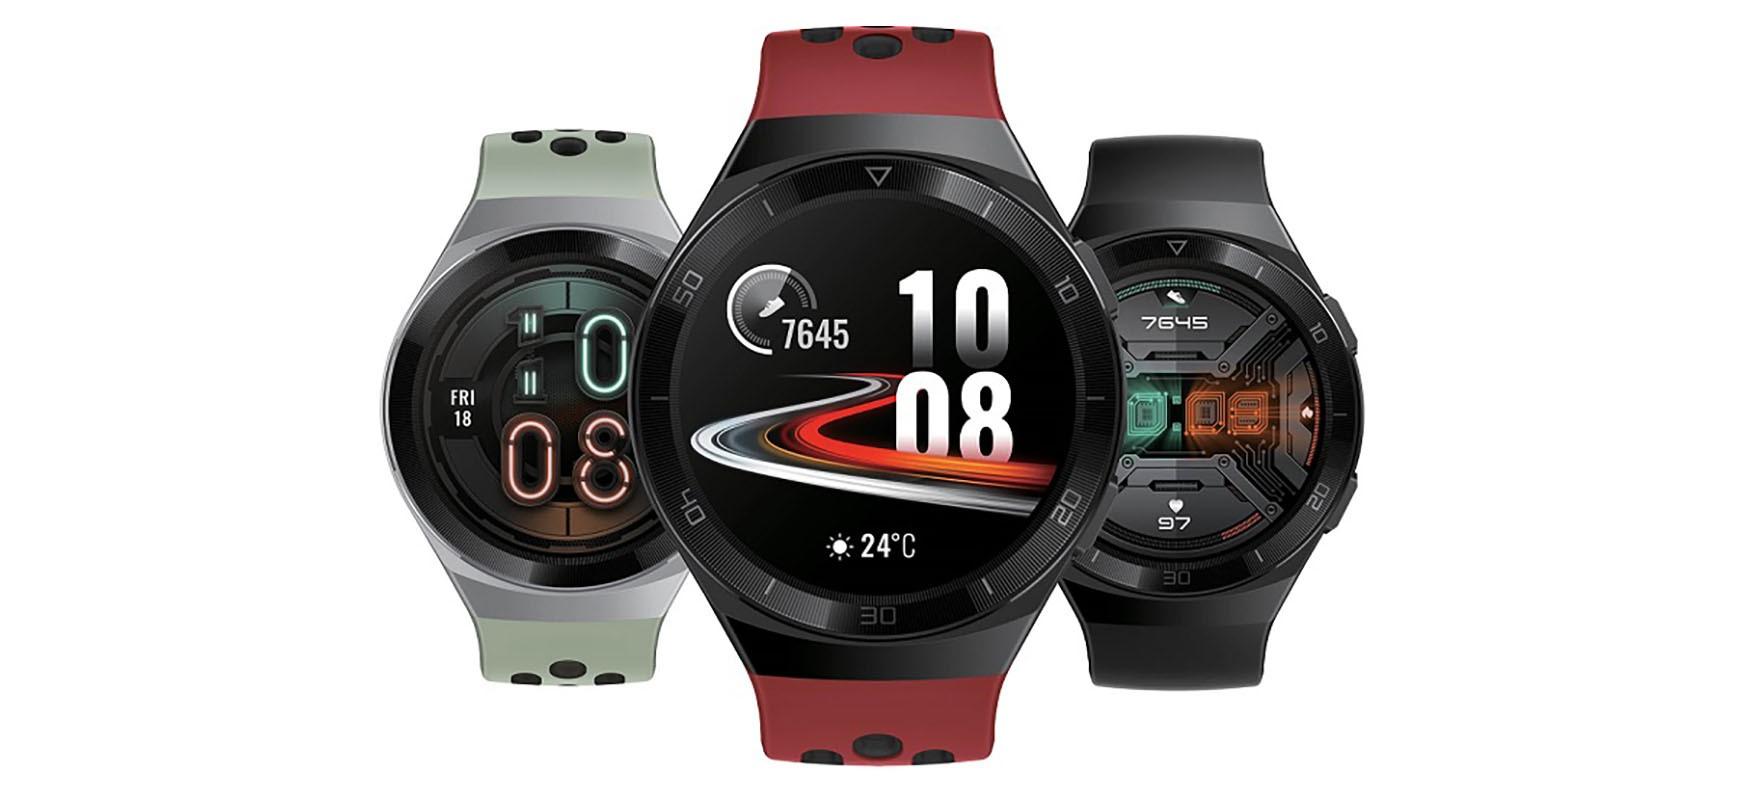 ساعت هوشمند Huawei Watch GT ۲e مربی هوشمند و متخصص سلامت برای دوران کار در منزل